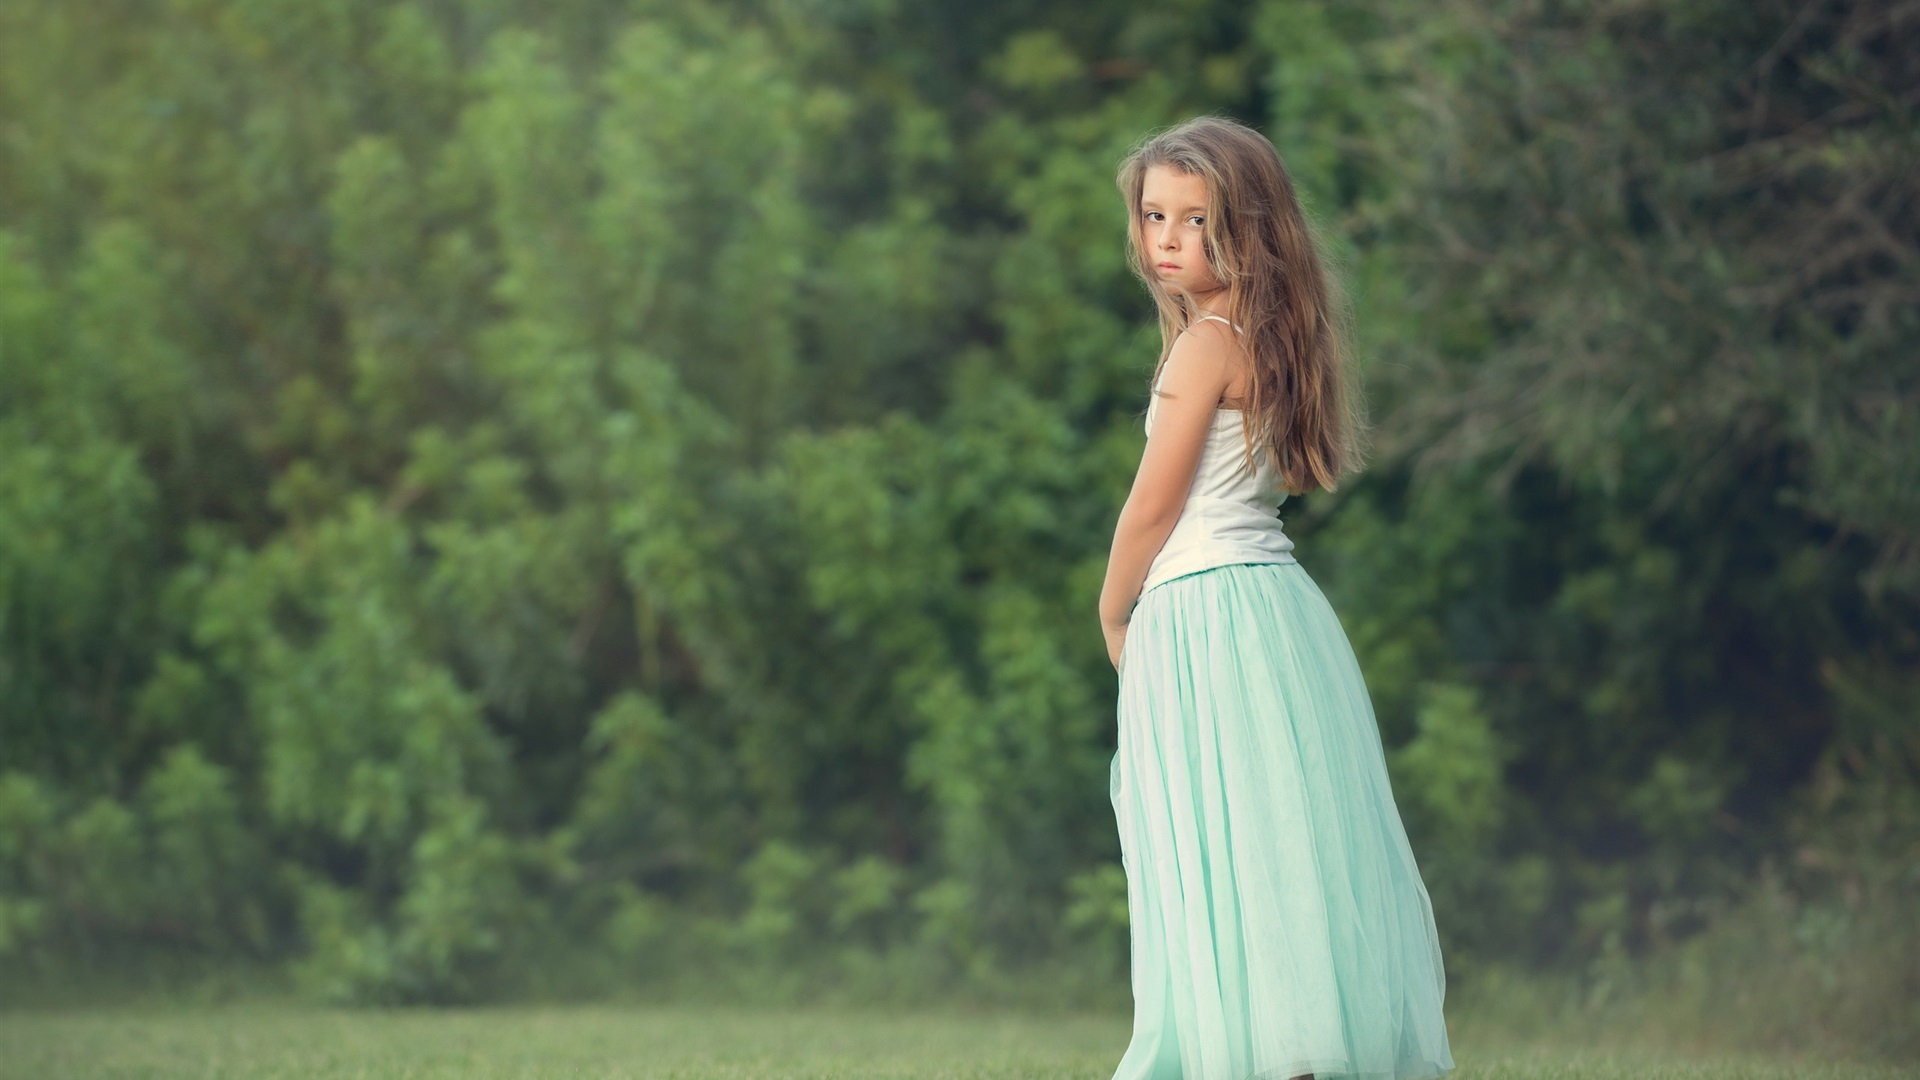 长头发的小女孩回头 壁纸 - 1920x1080 全高清图片